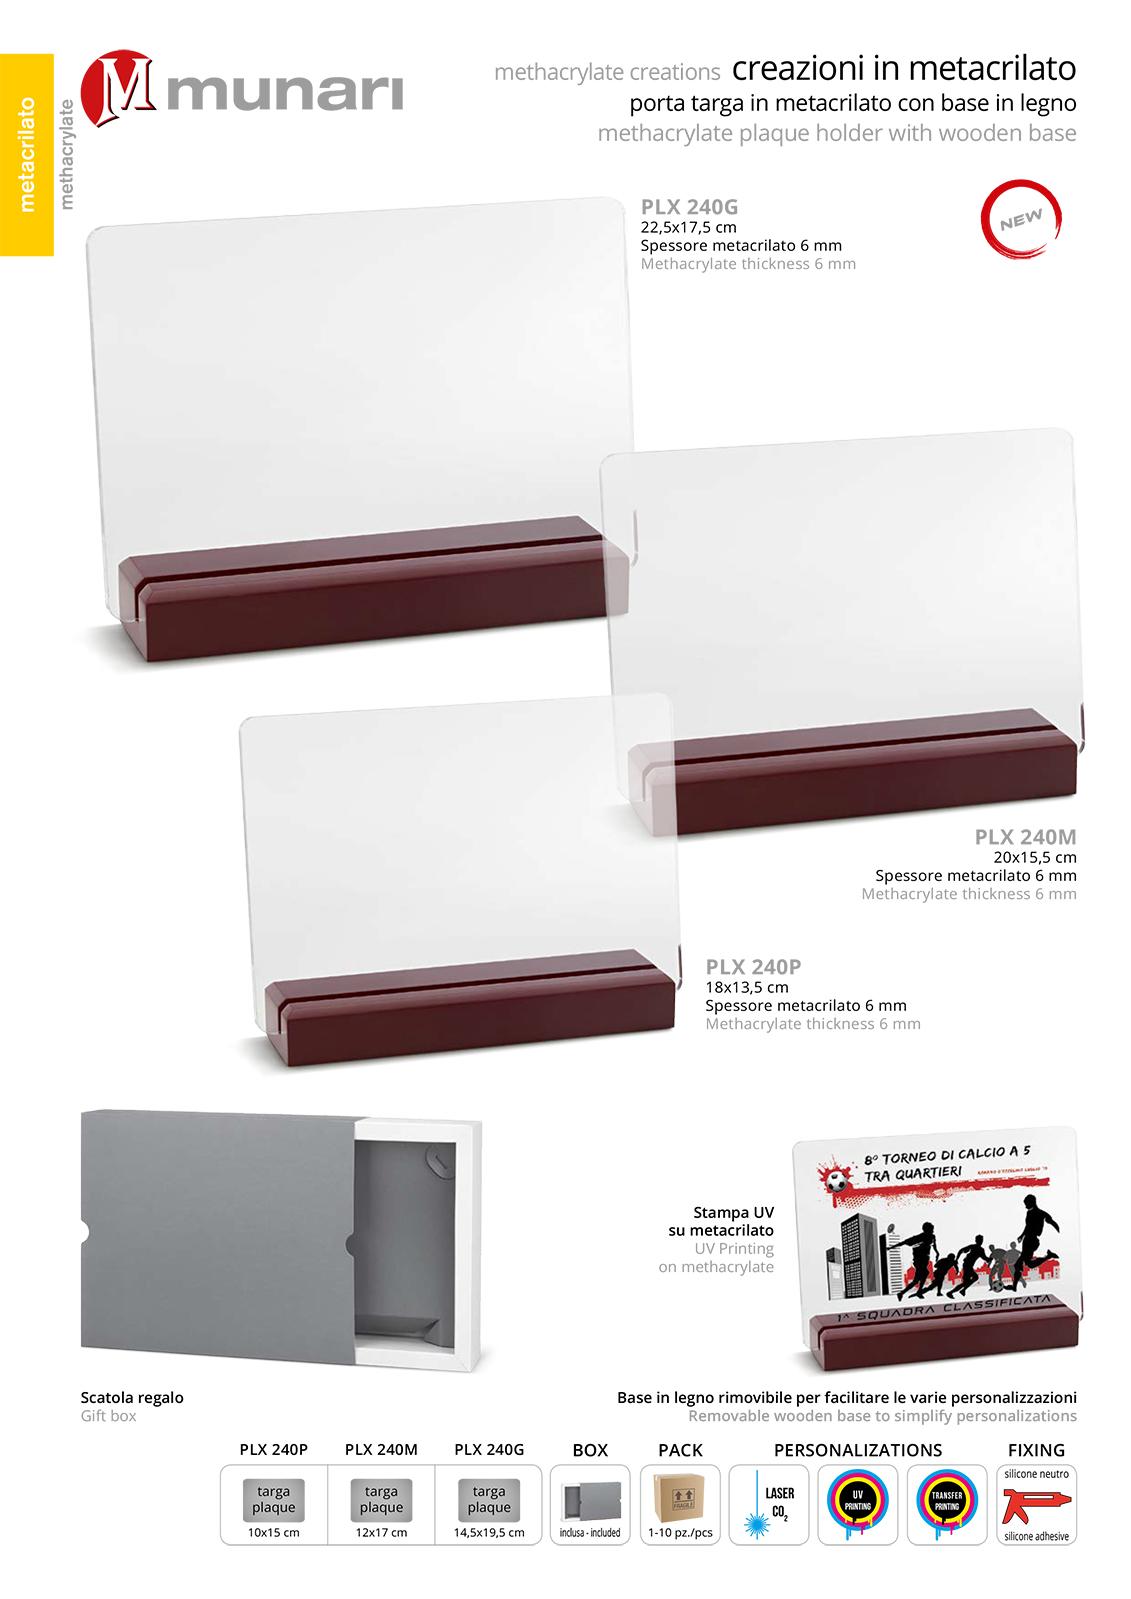 PLX 240 Transparent plexiglas plaque with wooden base